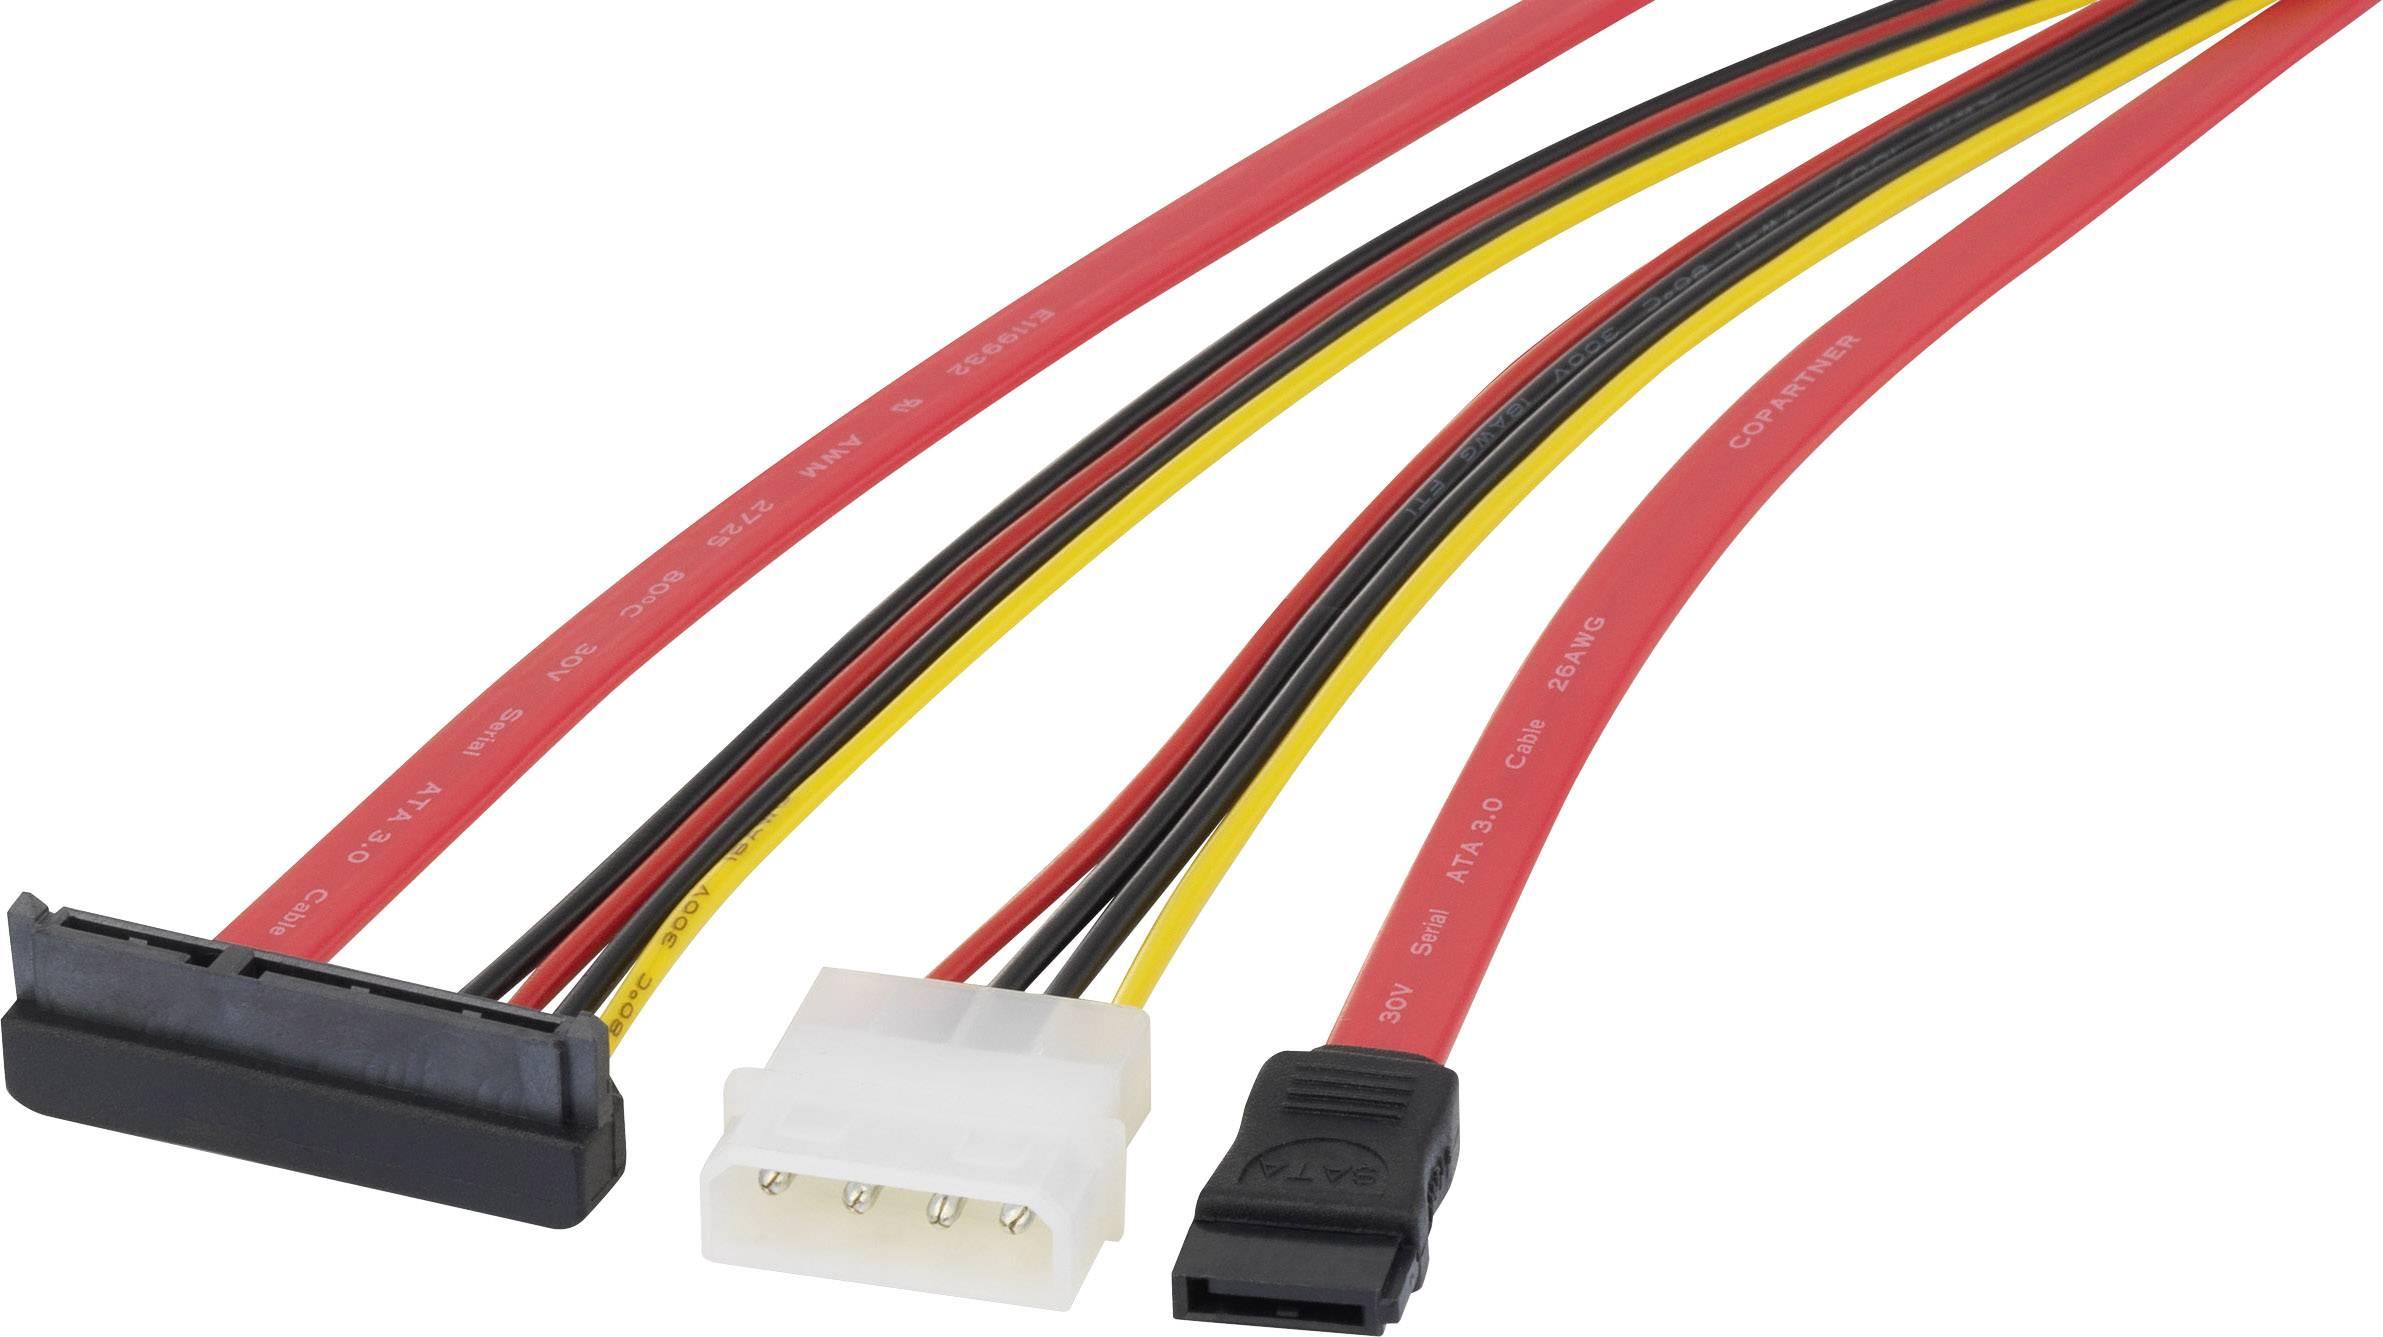 Prepojovací kábel pevný disk Renkforce RF-4212165, čierna, červená, žltá